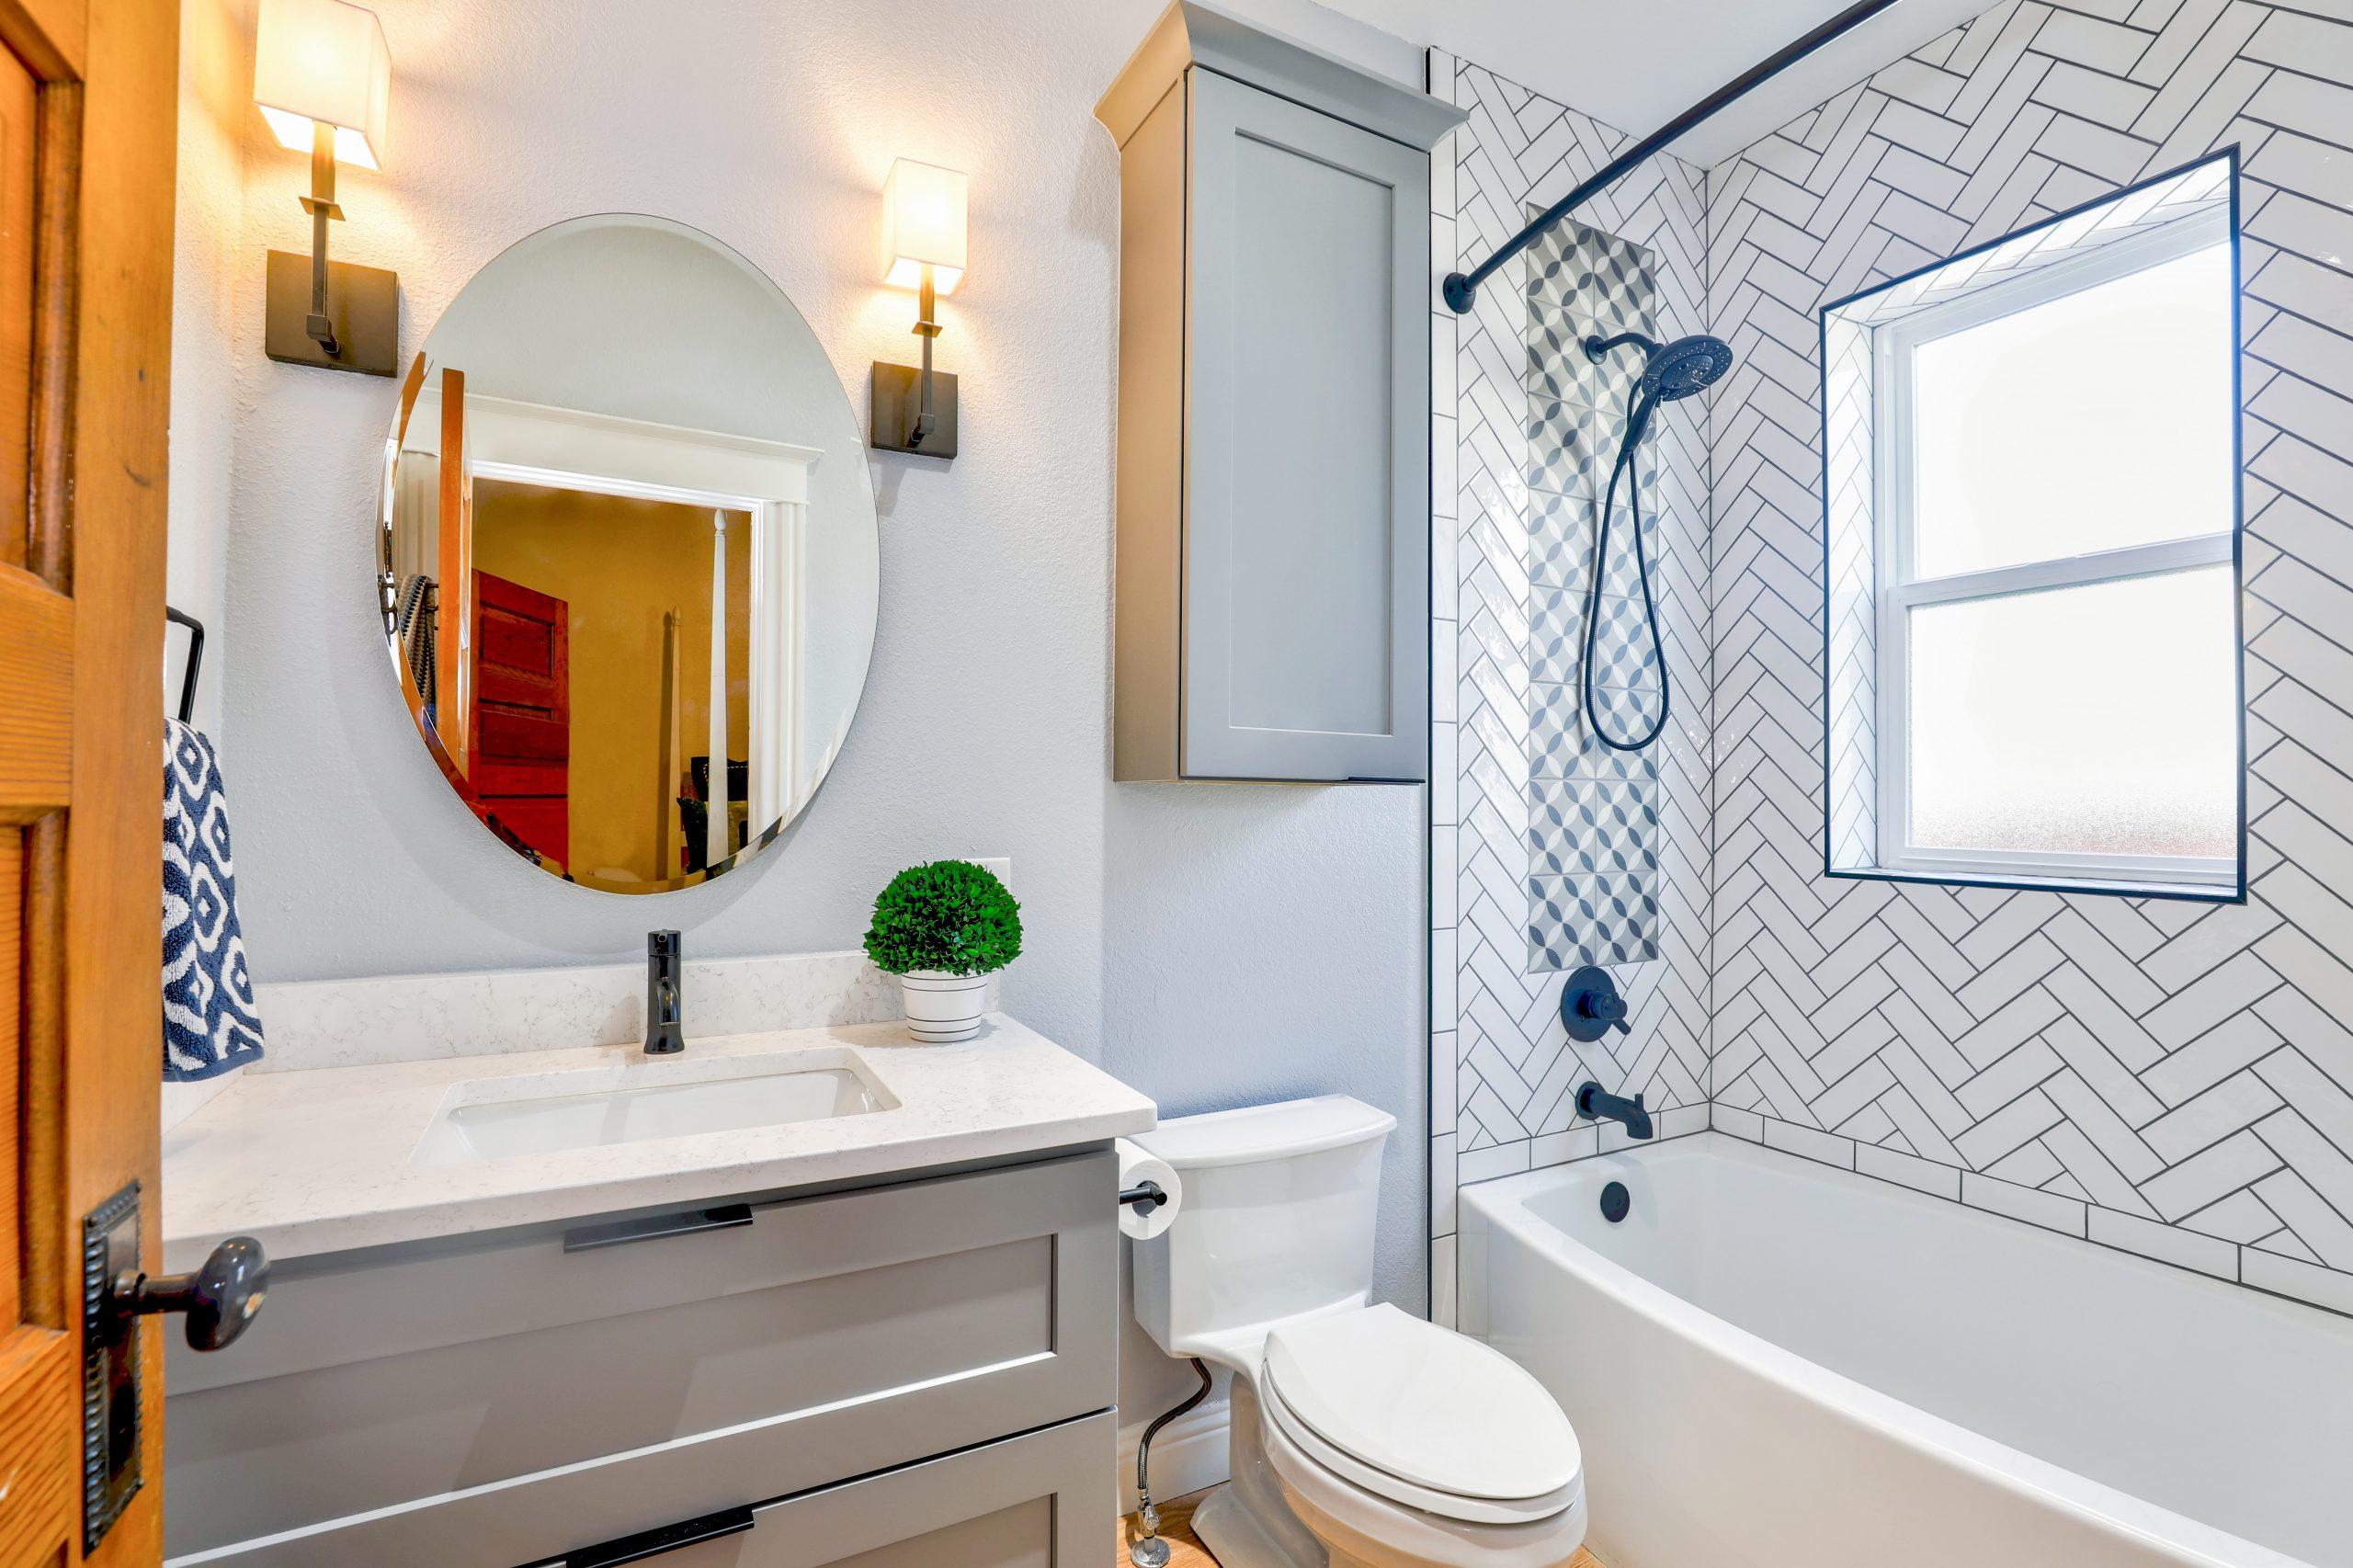 Na foto um banheiro com armários, banheira, chuveiro e um espelho oval.